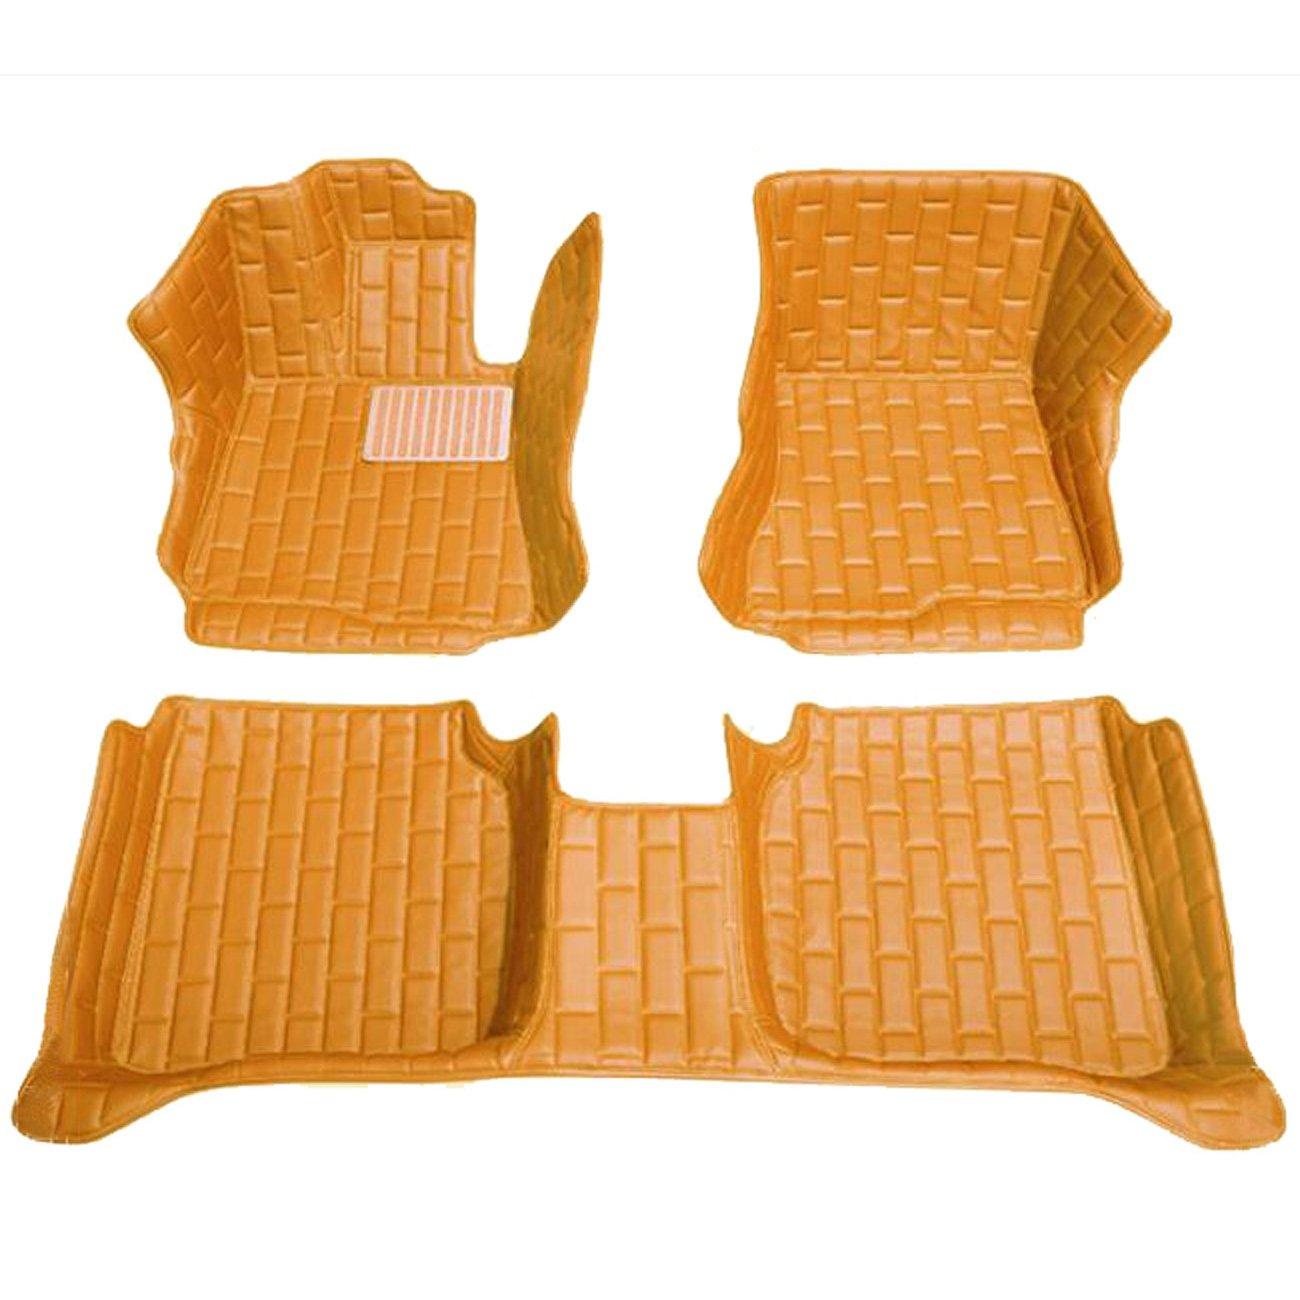 私人定制 丰田坦途 专车专用汽车脚垫 防滑踏板 印花汽车毛毯 可订做